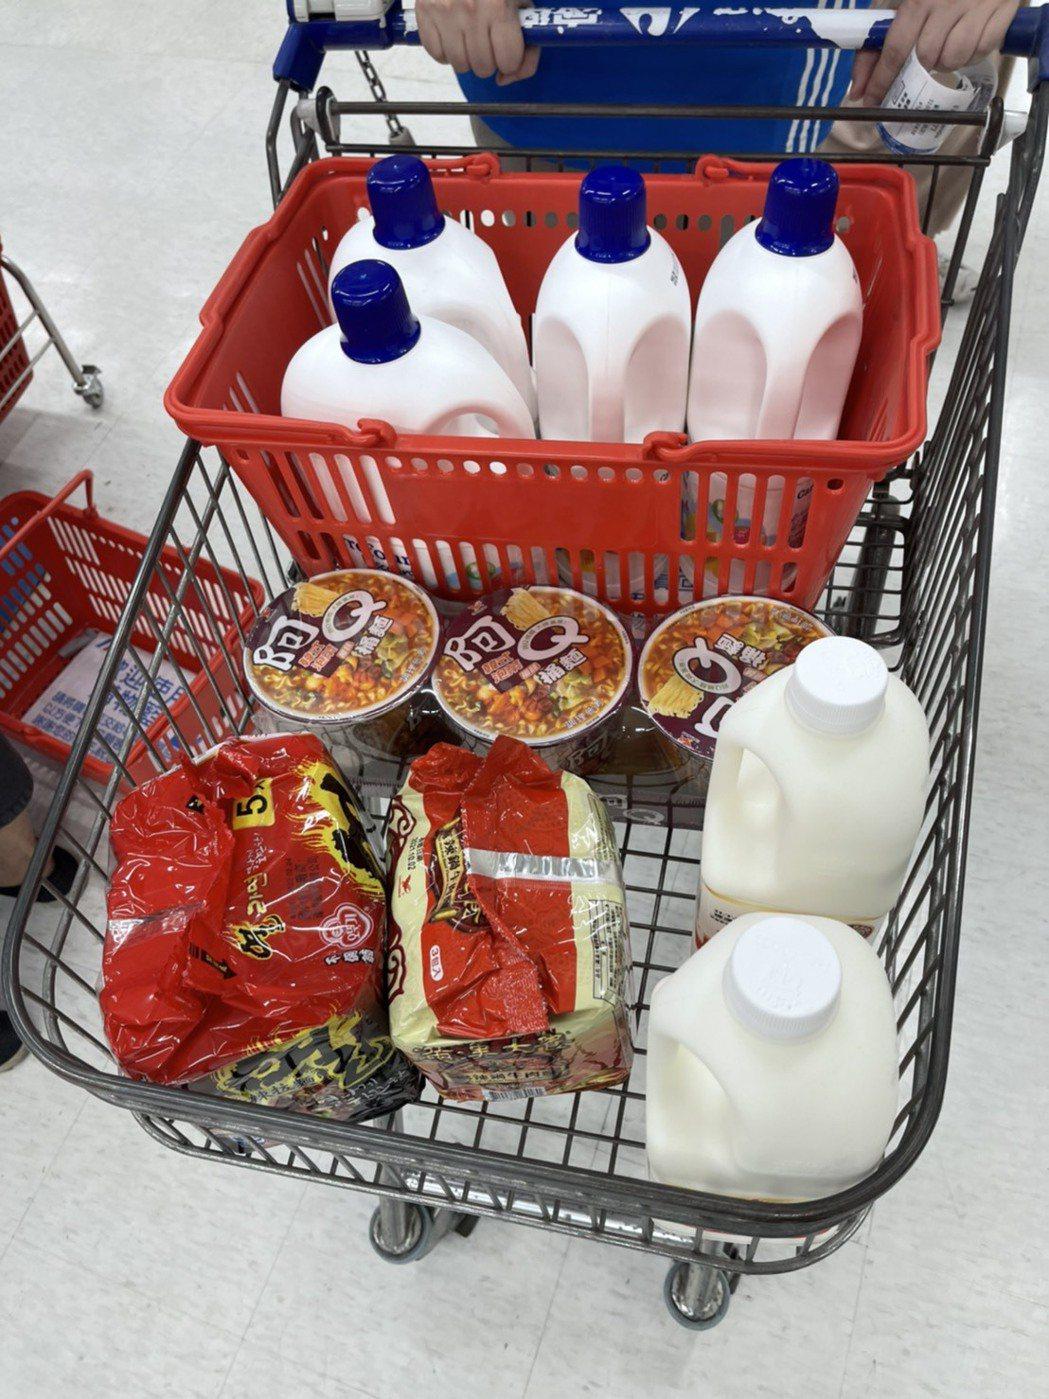 家樂福賣場人潮今早與平日相較增加約3~4成,購買清潔用品、食材、泡麵的民眾相當多...